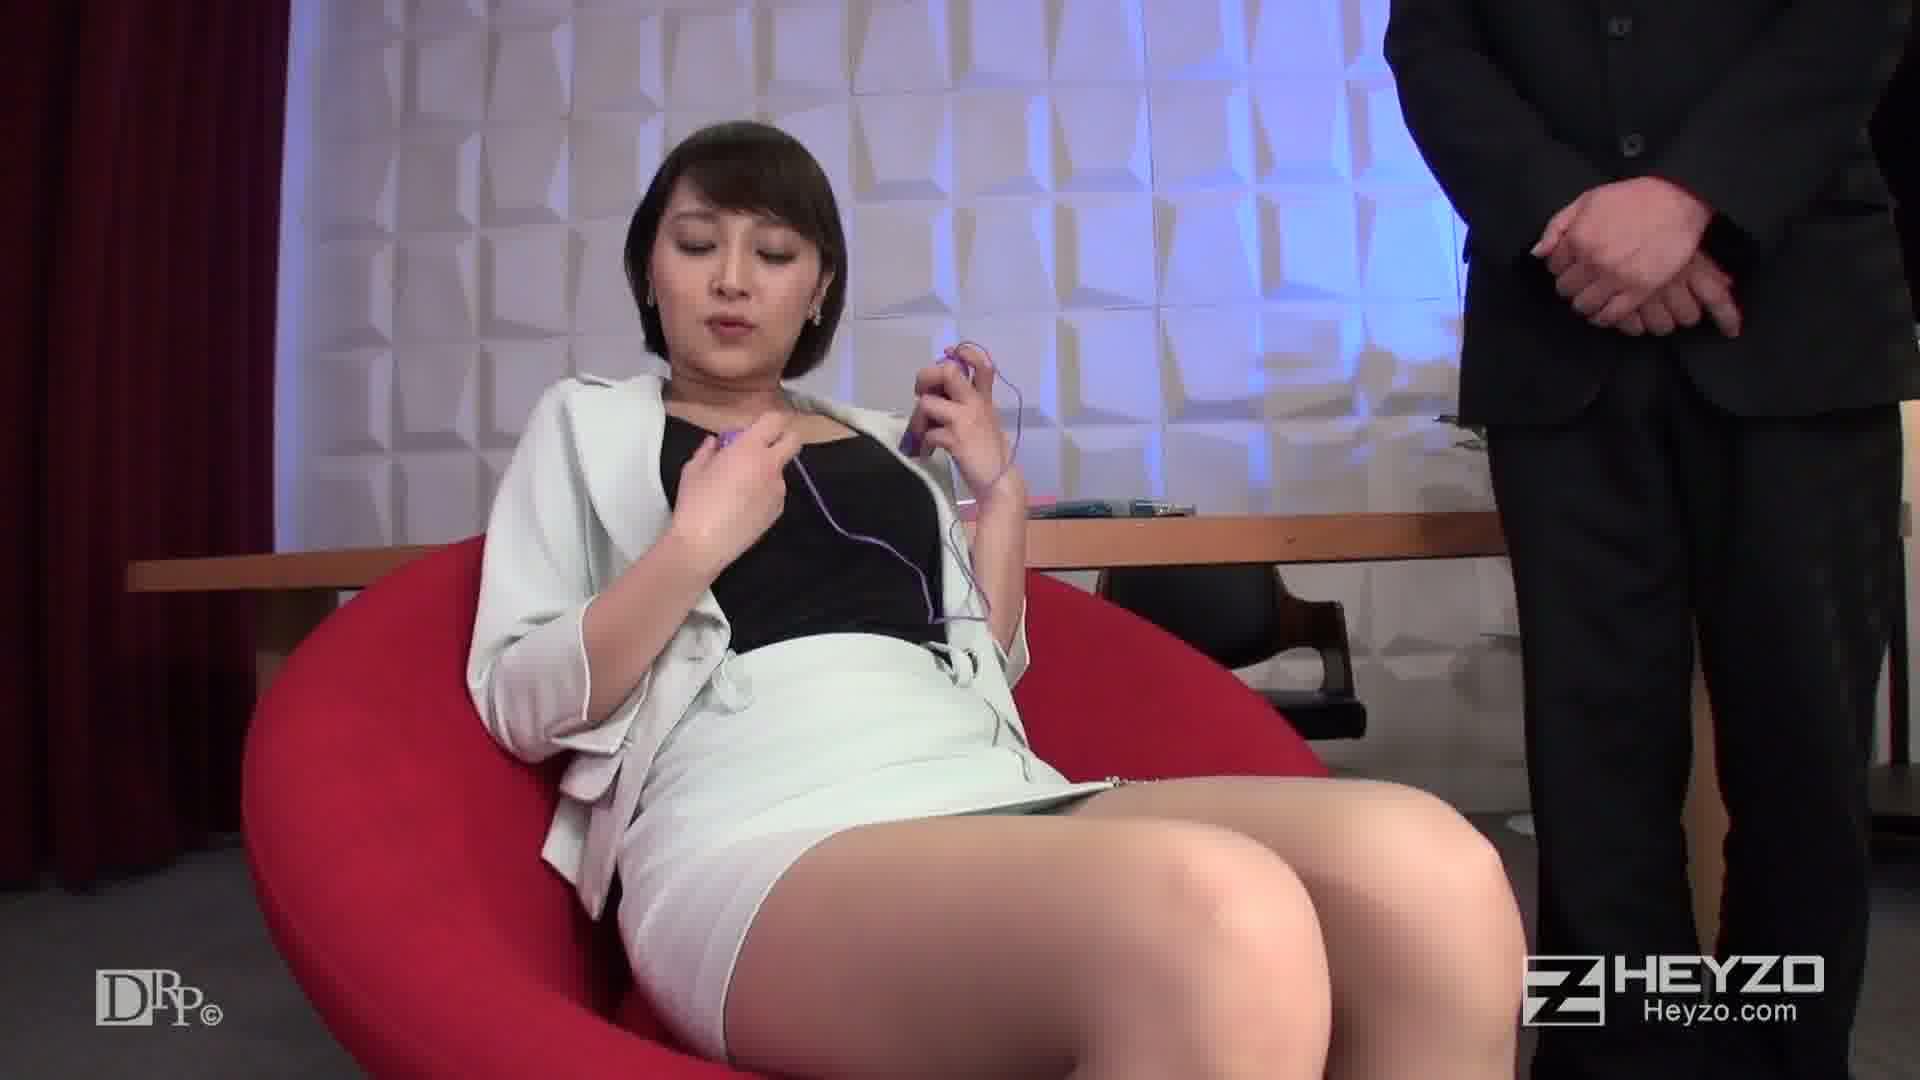 ひわいな通販番組~エロTVドットコム~ - 星川ういか【ローターオナニー 本番収録】